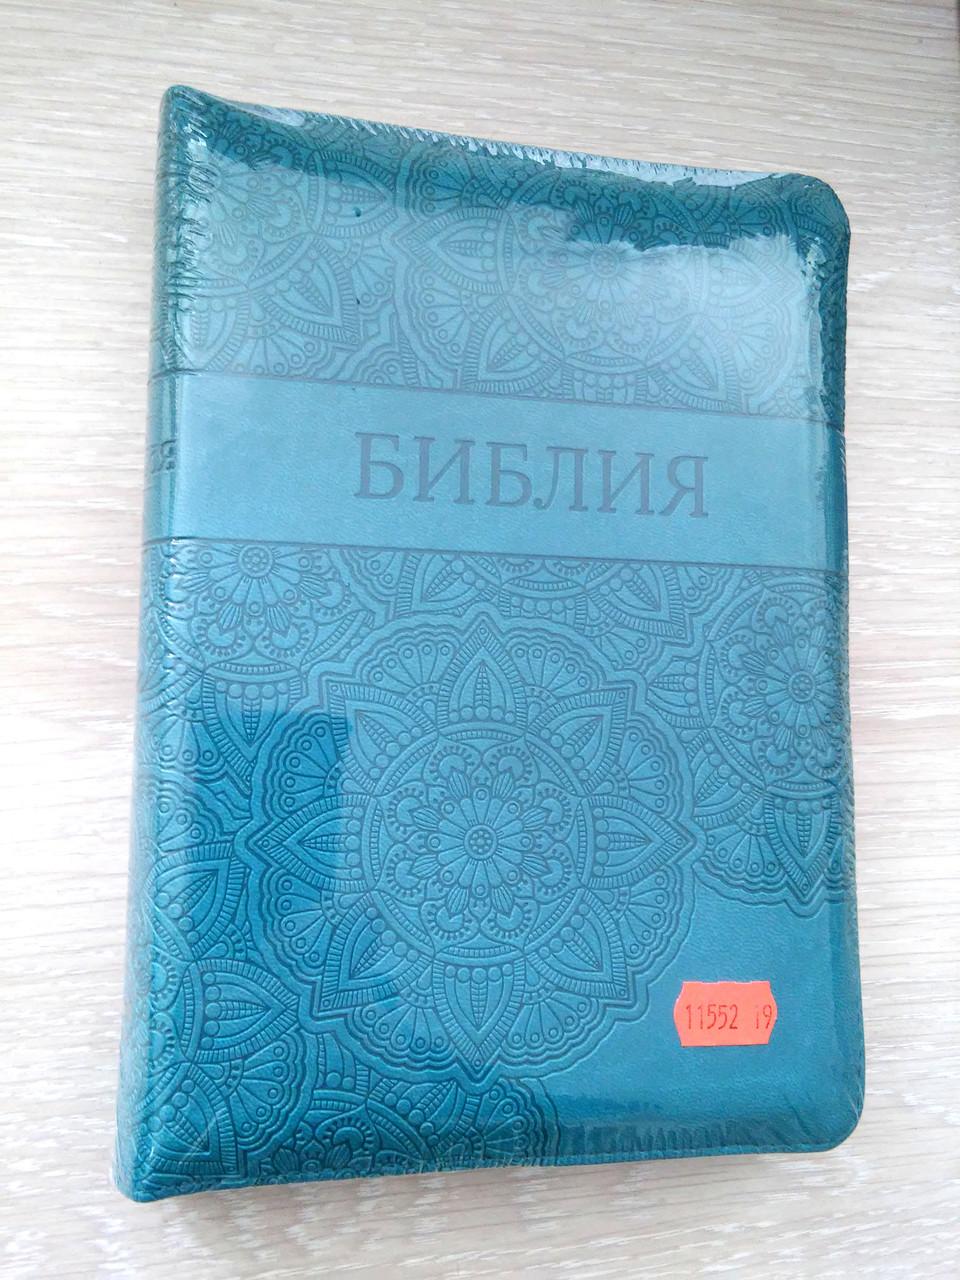 Библия, 15х21 см, бирюзовая с тисненым орнаментом